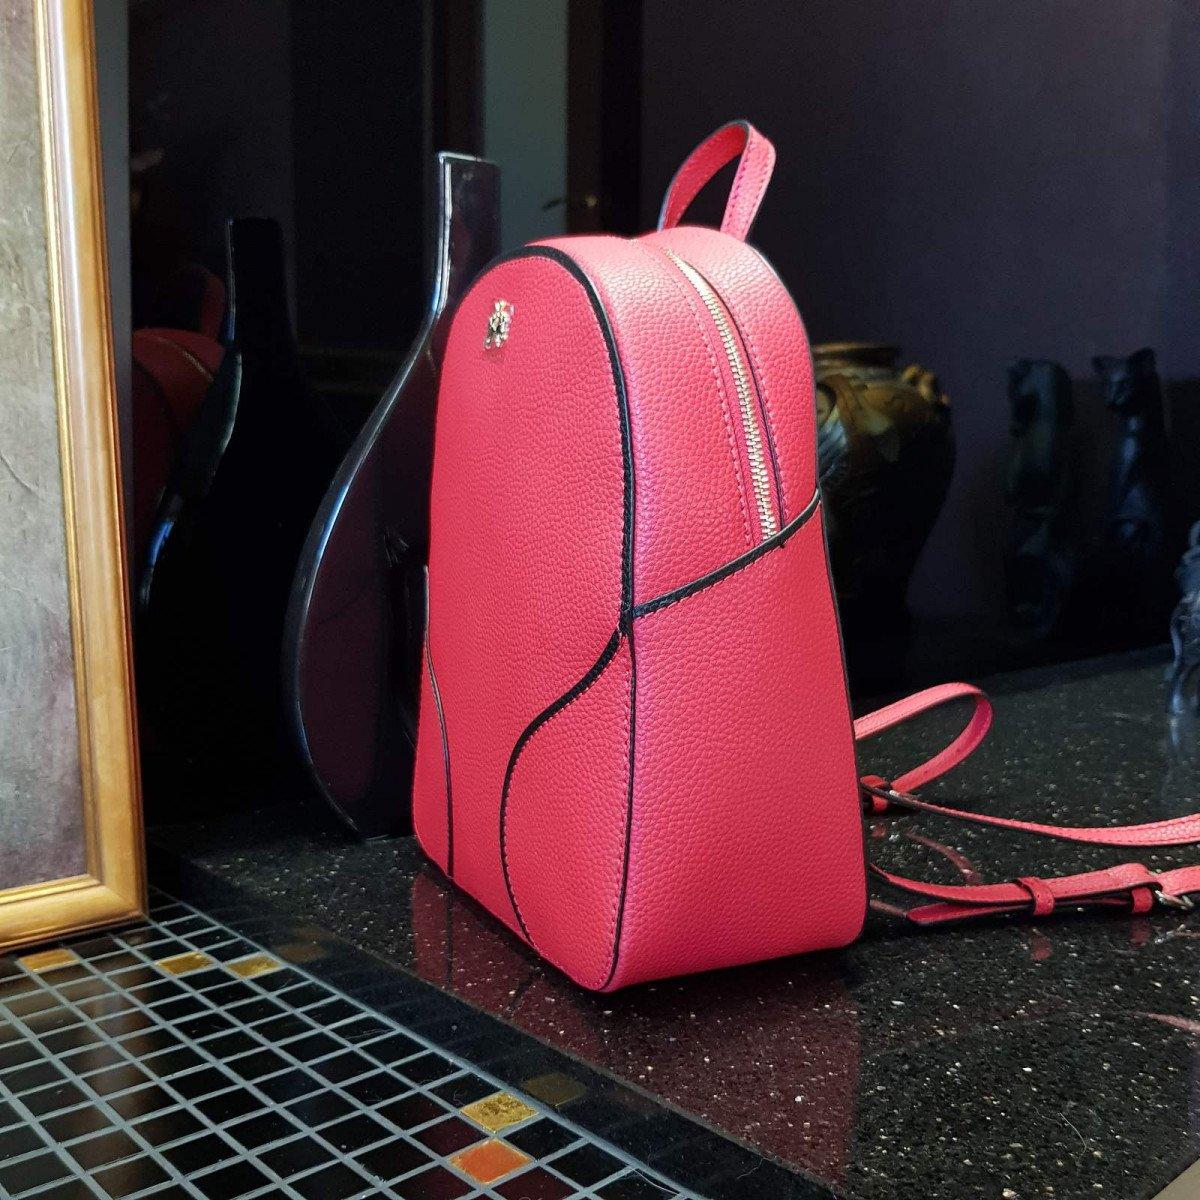 Кожаный женский рюкзак LA Martina 41W411 P0004 true red из натуральной кожи из натуральной кожи